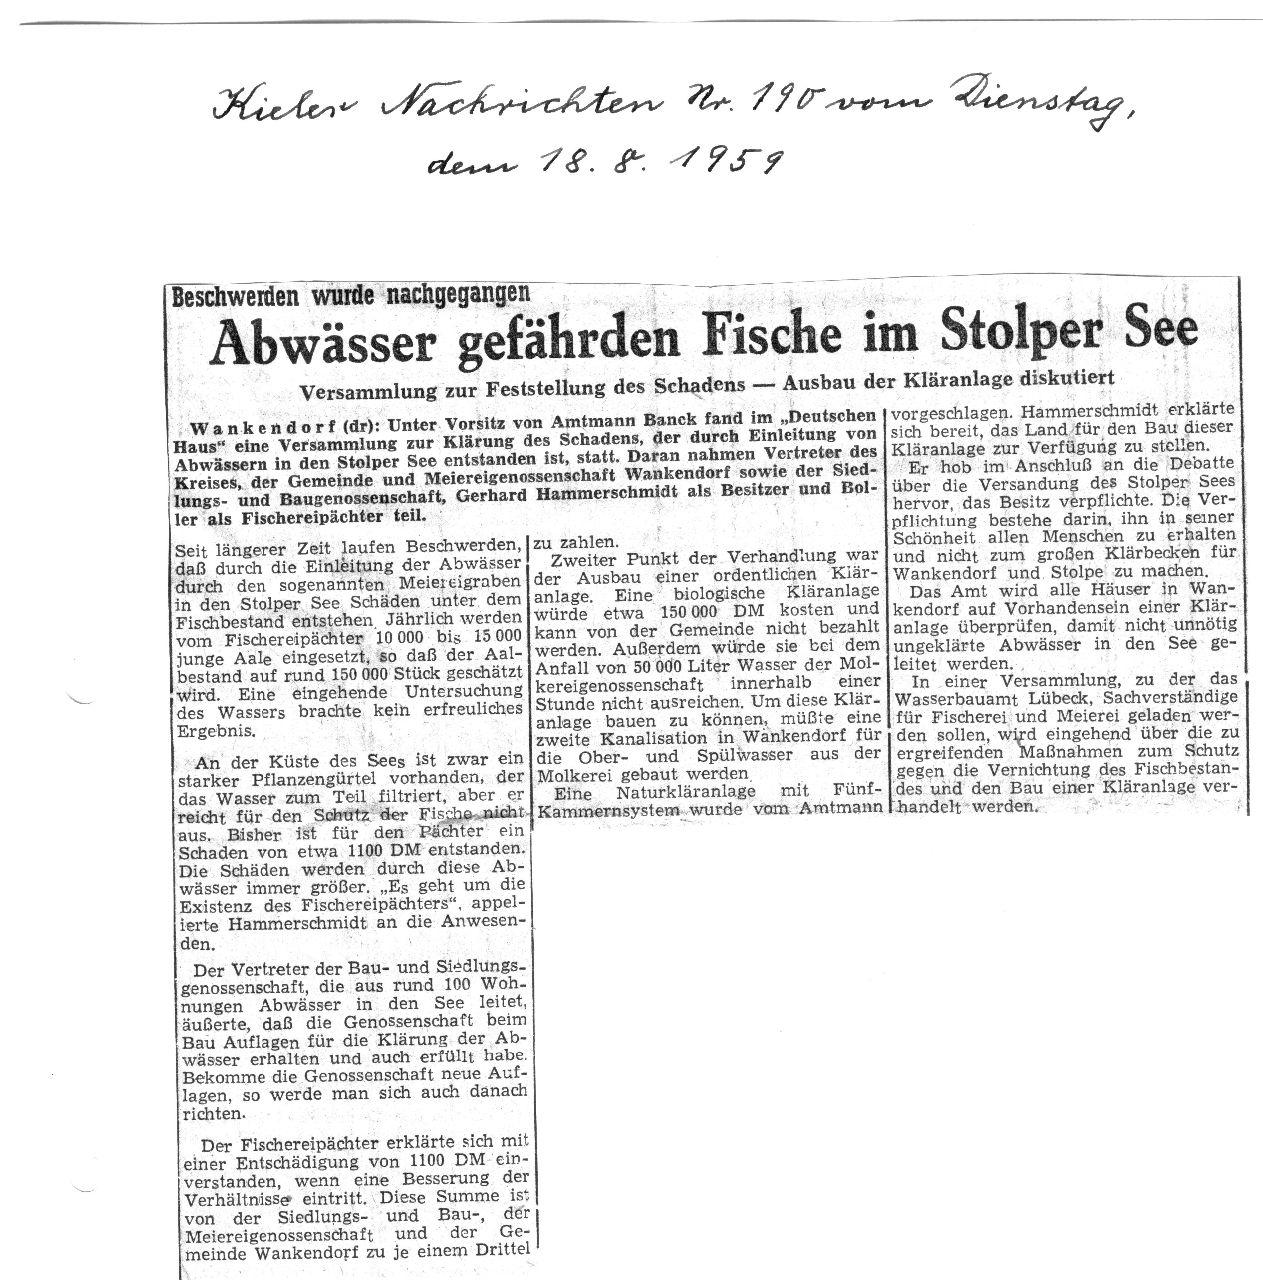 1959 Abwässer gefährden Fische